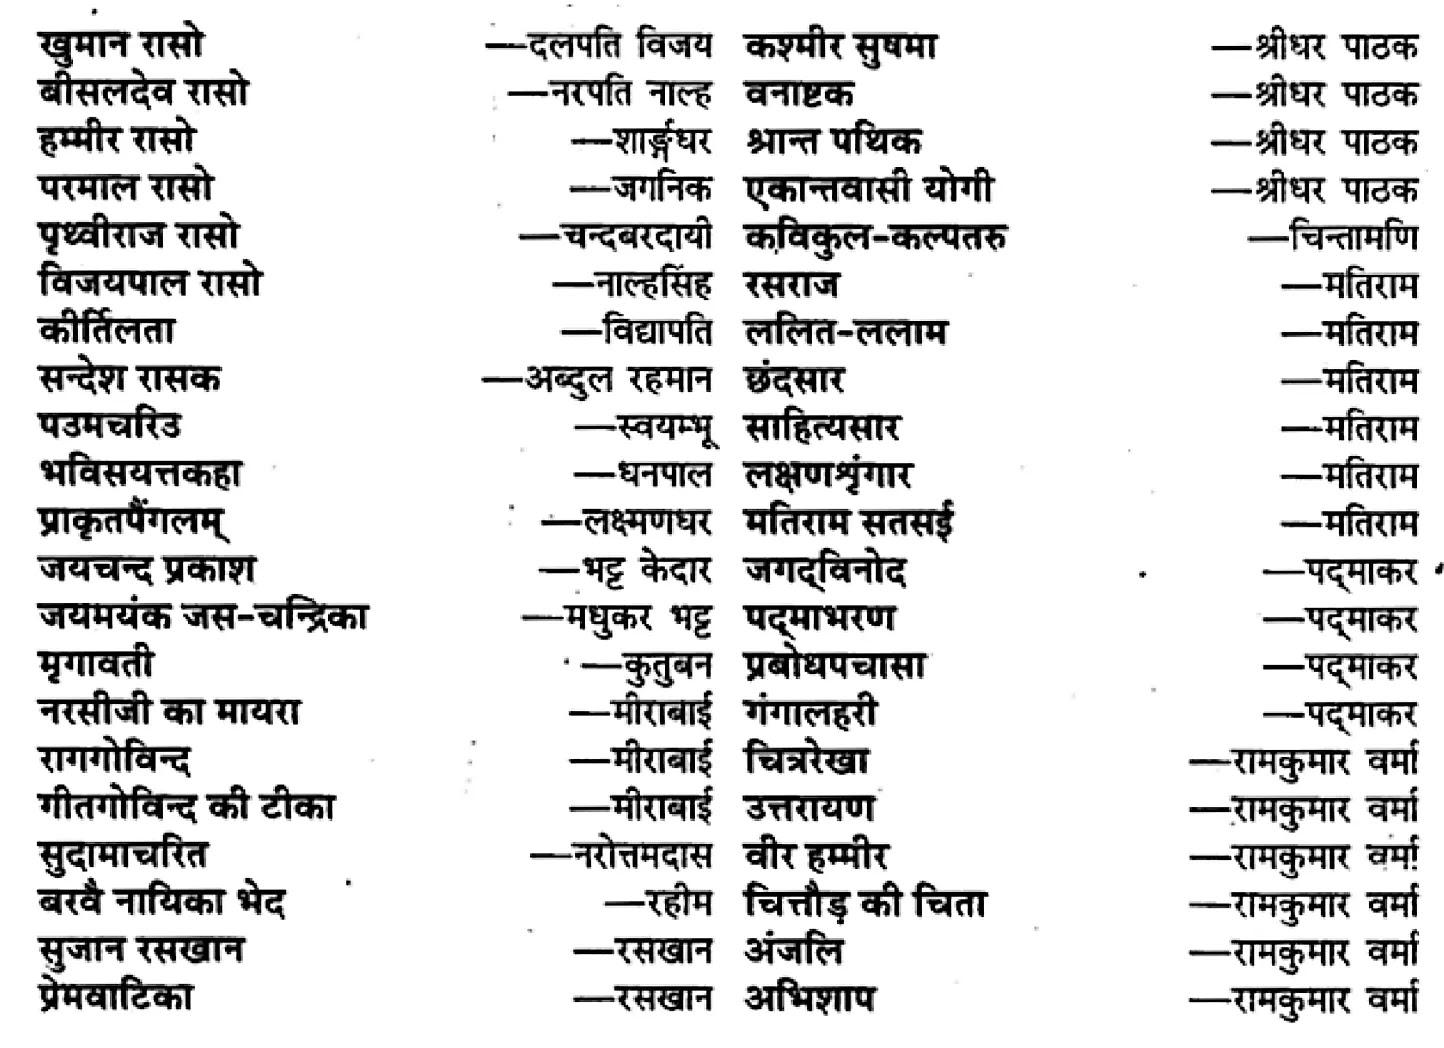 कक्षा 11 साहित्यिक हिंदीपद्य-साहित्य पद्य-गरिमा में संकलित लेखक और उनकी रचनाएँ के नोट्स साहित्यिक हिंदी में एनसीईआरटी समाधान,   class 11 sahityik hindi khand kaavyagady-saahity pady mein sankalit lekhak aur unakee rachanaen,  class 11 sahityik hindi gady-saahity pady mein sankalit lekhak aur unakee rachanaenncert solutions in sahityik hindi,  class 11 sahityik hindi gady-saahity pady mein sankalit lekhak aur unakee rachanaennotes in sahityik hindi,  class 11 sahityik hindi gady-saahity pady mein sankalit lekhak aur unakee rachanaenquestion answer,  class 11 sahityik hindi gady-saahity pady mein sankalit lekhak aur unakee rachanaennotes,  11   class gady-saahity pady mein sankalit lekhak aur unakee rachanaengady-saahity pady mein sankalit lekhak aur unakee rachanaenin sahityik hindi,  class 11 sahityik hindi gady-saahity pady mein sankalit lekhak aur unakee rachanaenin sahityik hindi,  class 11 sahityik hindi gady-saahity pady mein sankalit lekhak aur unakee rachanaenimportant questions in sahityik hindi,  class 11 sahityik hindi gady-saahity pady mein sankalit lekhak aur unakee rachanaen notes in sahityik hindi,  class 11 sahityik hindi gady-saahity pady mein sankalit lekhak aur unakee rachanaentest,  class 11 sahityik hindi  chapter 1 gady-saahity pady mein sankalit lekhak aur unakee rachanaenpdf,  class 11 sahityik hindi gady-saahity pady mein sankalit lekhak aur unakee rachanaennotes pdf,  class 11 sahityik hindi gady-saahity pady mein sankalit lekhak aur unakee rachanaenexercise solutions,  class 11 sahityik hindi khand kaavyagady-saahity pady mein sankalit lekhak aur unakee rachanaen, class 11 sahityik hindi gady-saahity pady mein sankalit lekhak aur unakee rachanaennotes study rankers,  class 11 sahityik hindi gady-saahity pady mein sankalit lekhak aur unakee rachanaennotes,  class 11 sahityik hindi gady-saahity pady mein sankalit lekhak aur unakee rachanaen notes,   gady-saahity pady mein sankalit lekhak aur unakee rachanaen class 11  notes pdf,  gady-saahity